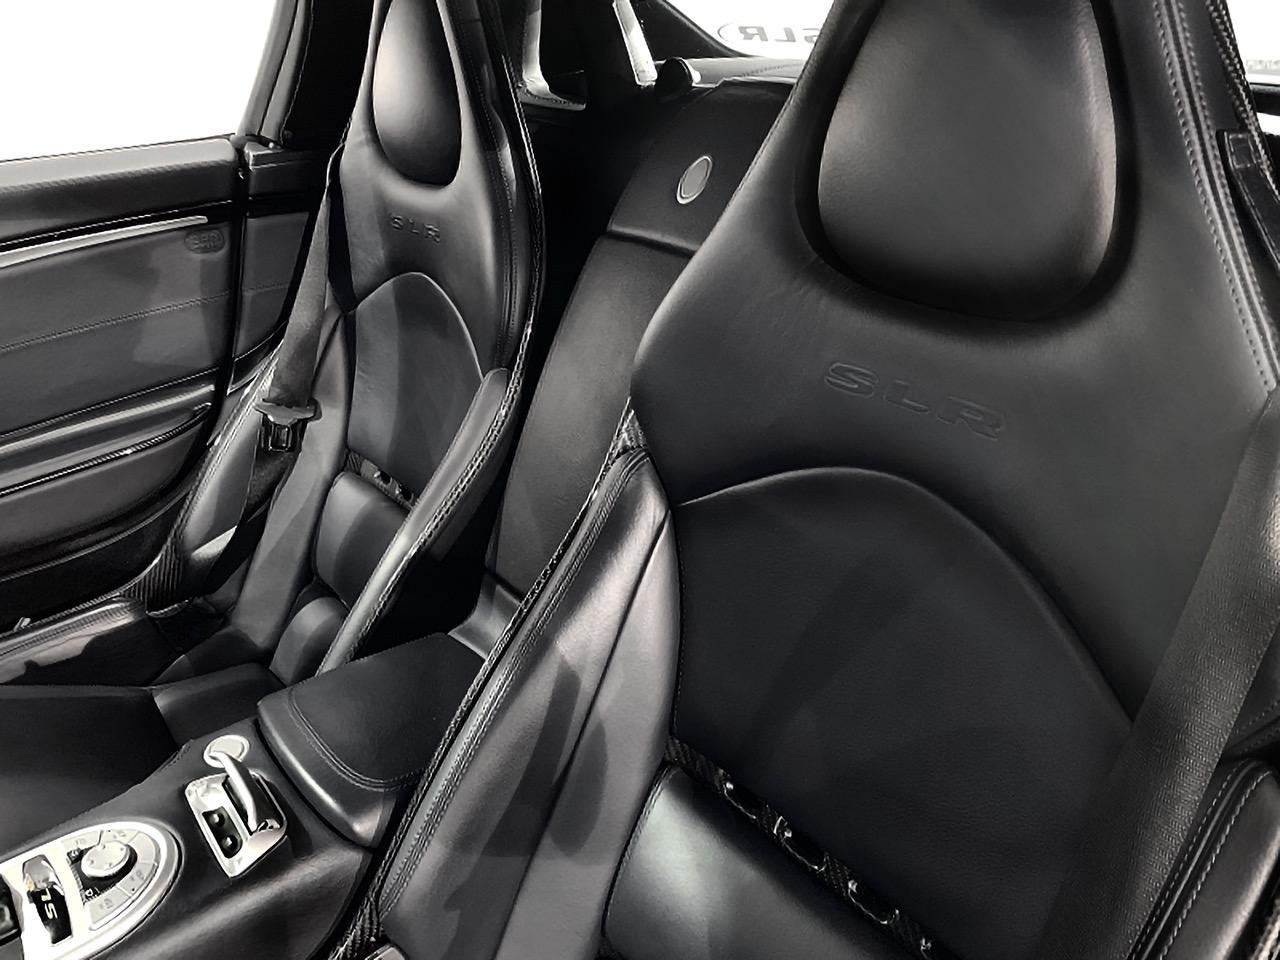 Mercedes-Benz-SLR-Roadster-55-AMG-7